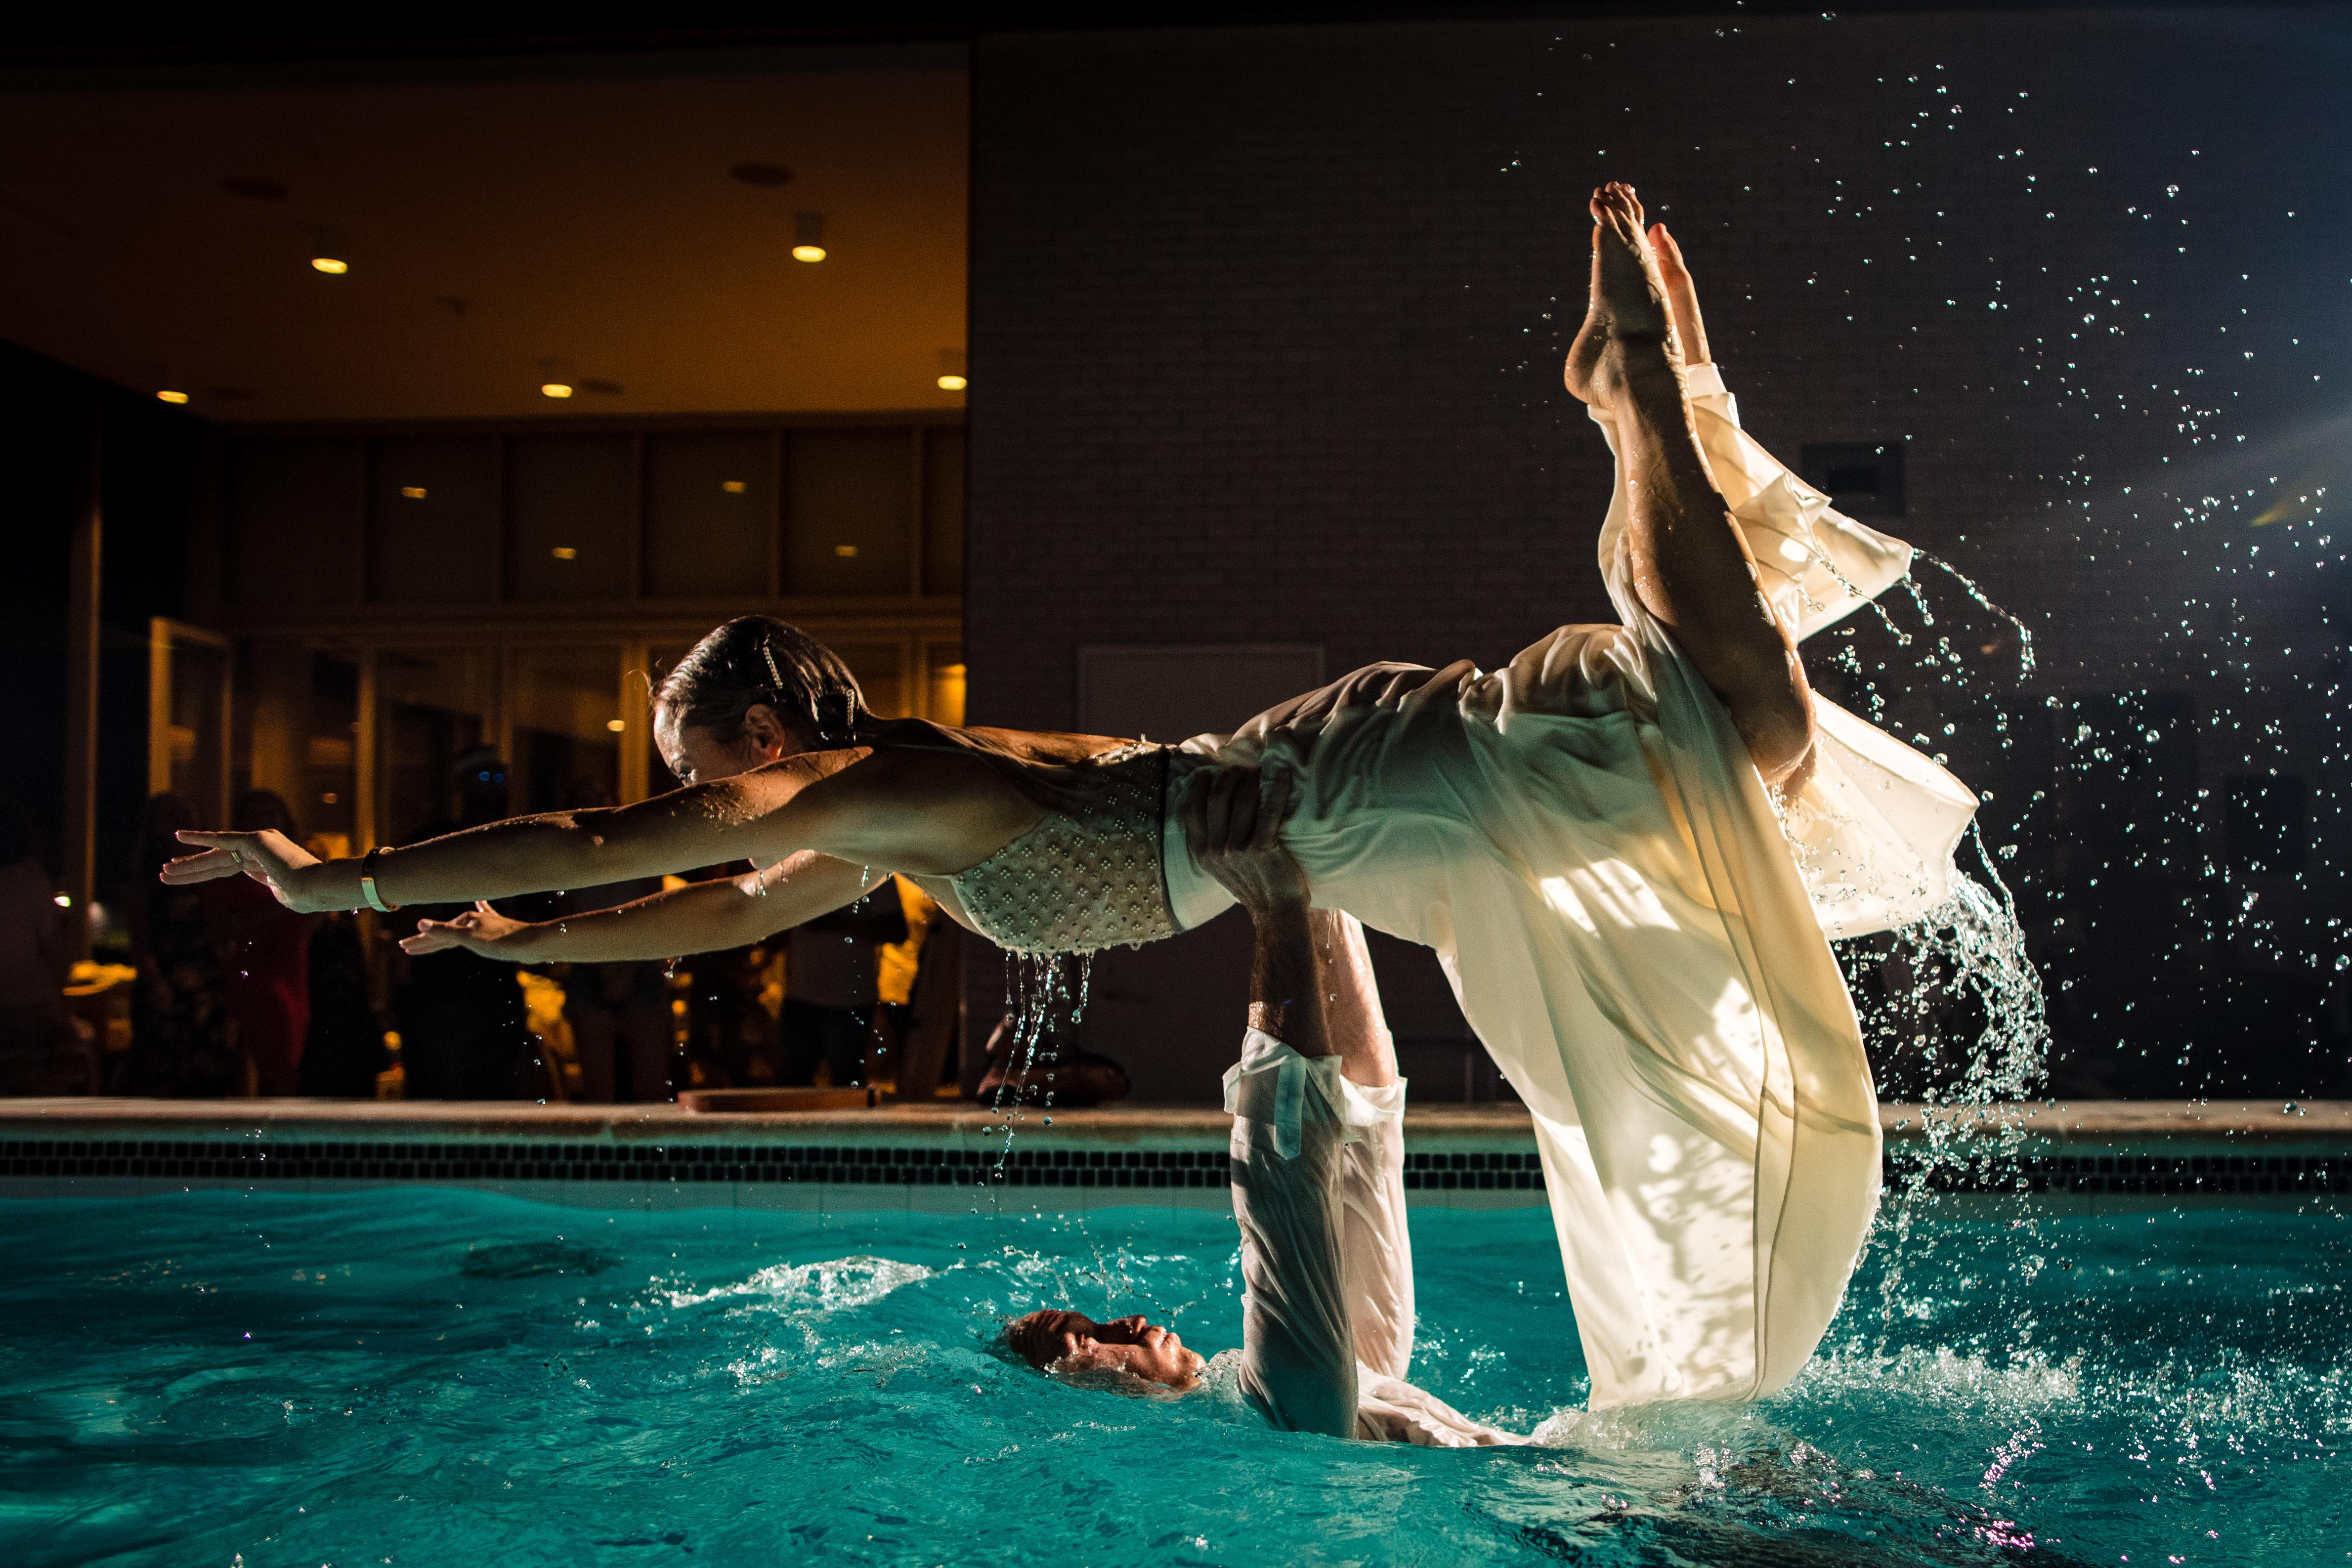 groom-lifts-bride-horizontally-in-nighttime-pool-so-tender-is-humanity